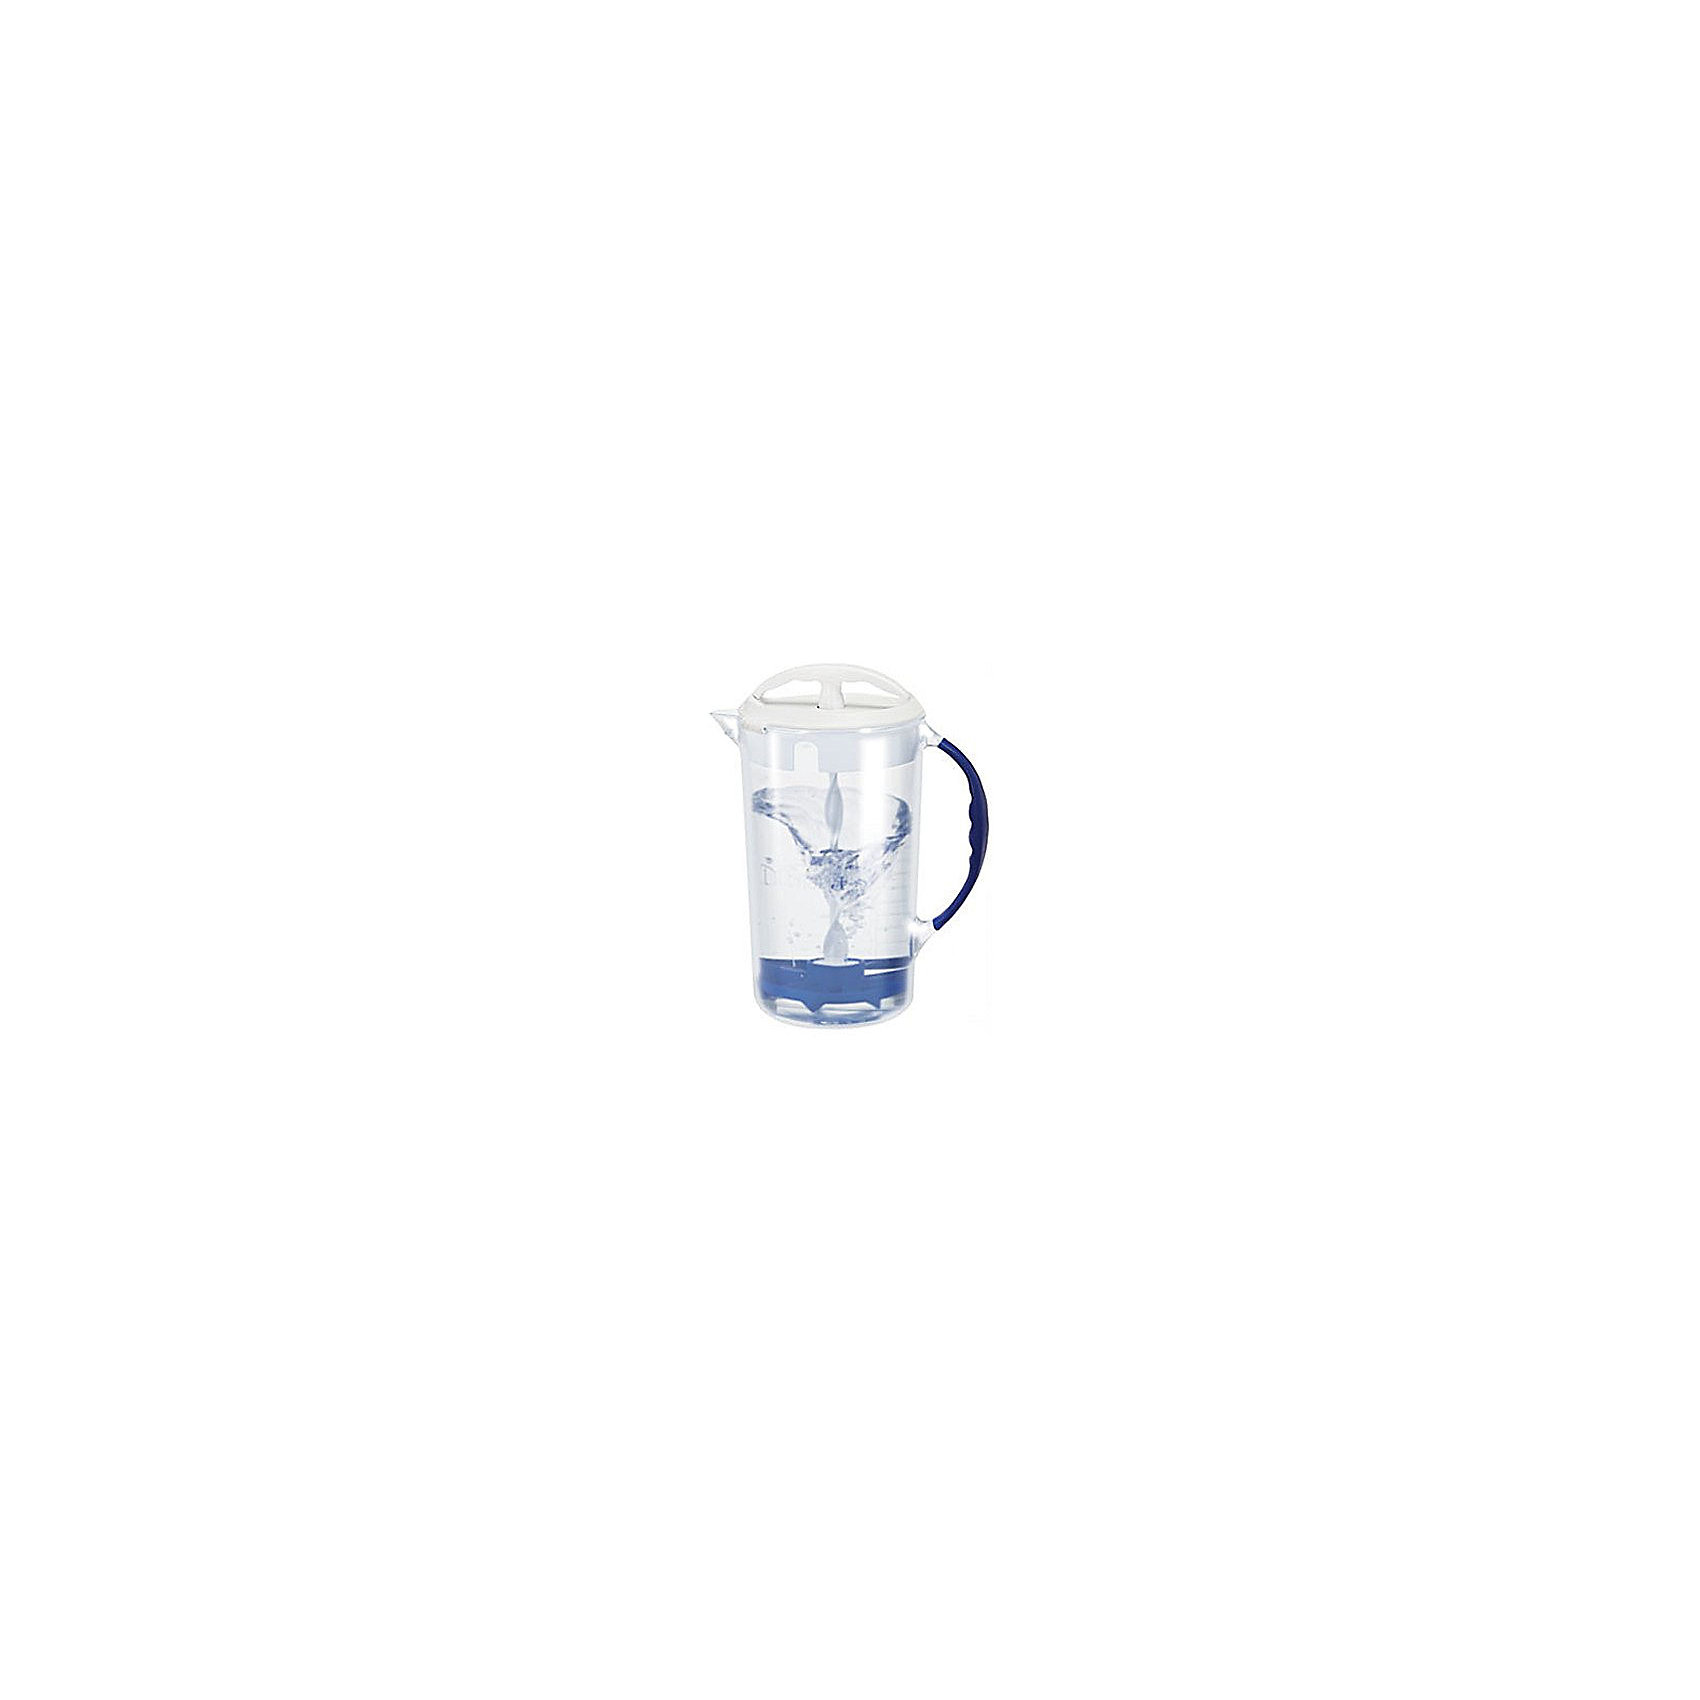 Кувшин миксер для детской молочной смеси, Dr. BrownУдобный кувшин-миксер создан специально для размешивания детской молочной смеси.<br>Не насыщает смесь воздухом, не оставляет комочков.<br><br>Дополнительная информация:<br><br>Особенности:<br><br>- Объем: 950 мл. ( 4 бутылочки по 240 мл.).<br>- Габариты: 30х18х18 см.; <br>- Вес в упаковке: 300 г.<br><br>Купить кувшин-миксер для детской молочной смеси от Dr. Brown, можно в нашем магазине.<br><br>Ширина мм: 135<br>Глубина мм: 135<br>Высота мм: 215<br>Вес г: 393<br>Возраст от месяцев: 0<br>Возраст до месяцев: 36<br>Пол: Унисекс<br>Возраст: Детский<br>SKU: 4796741